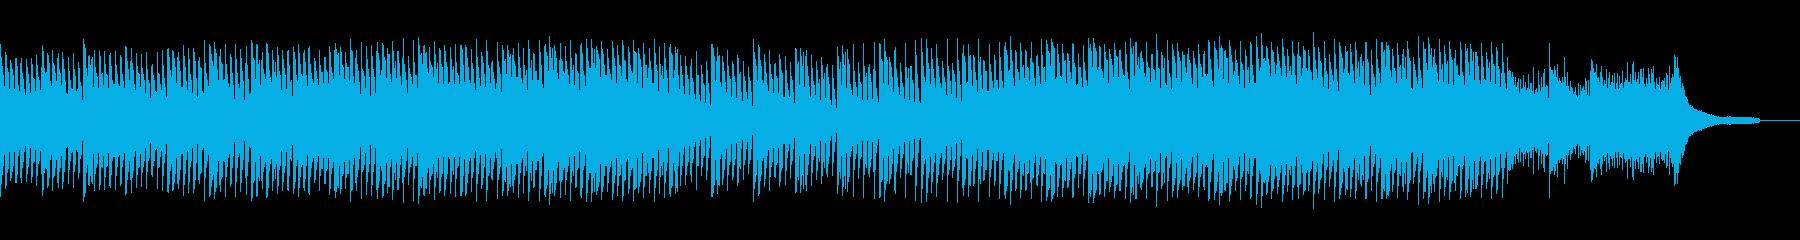 企業VP会社紹介透明感爽やか疾走感A13の再生済みの波形